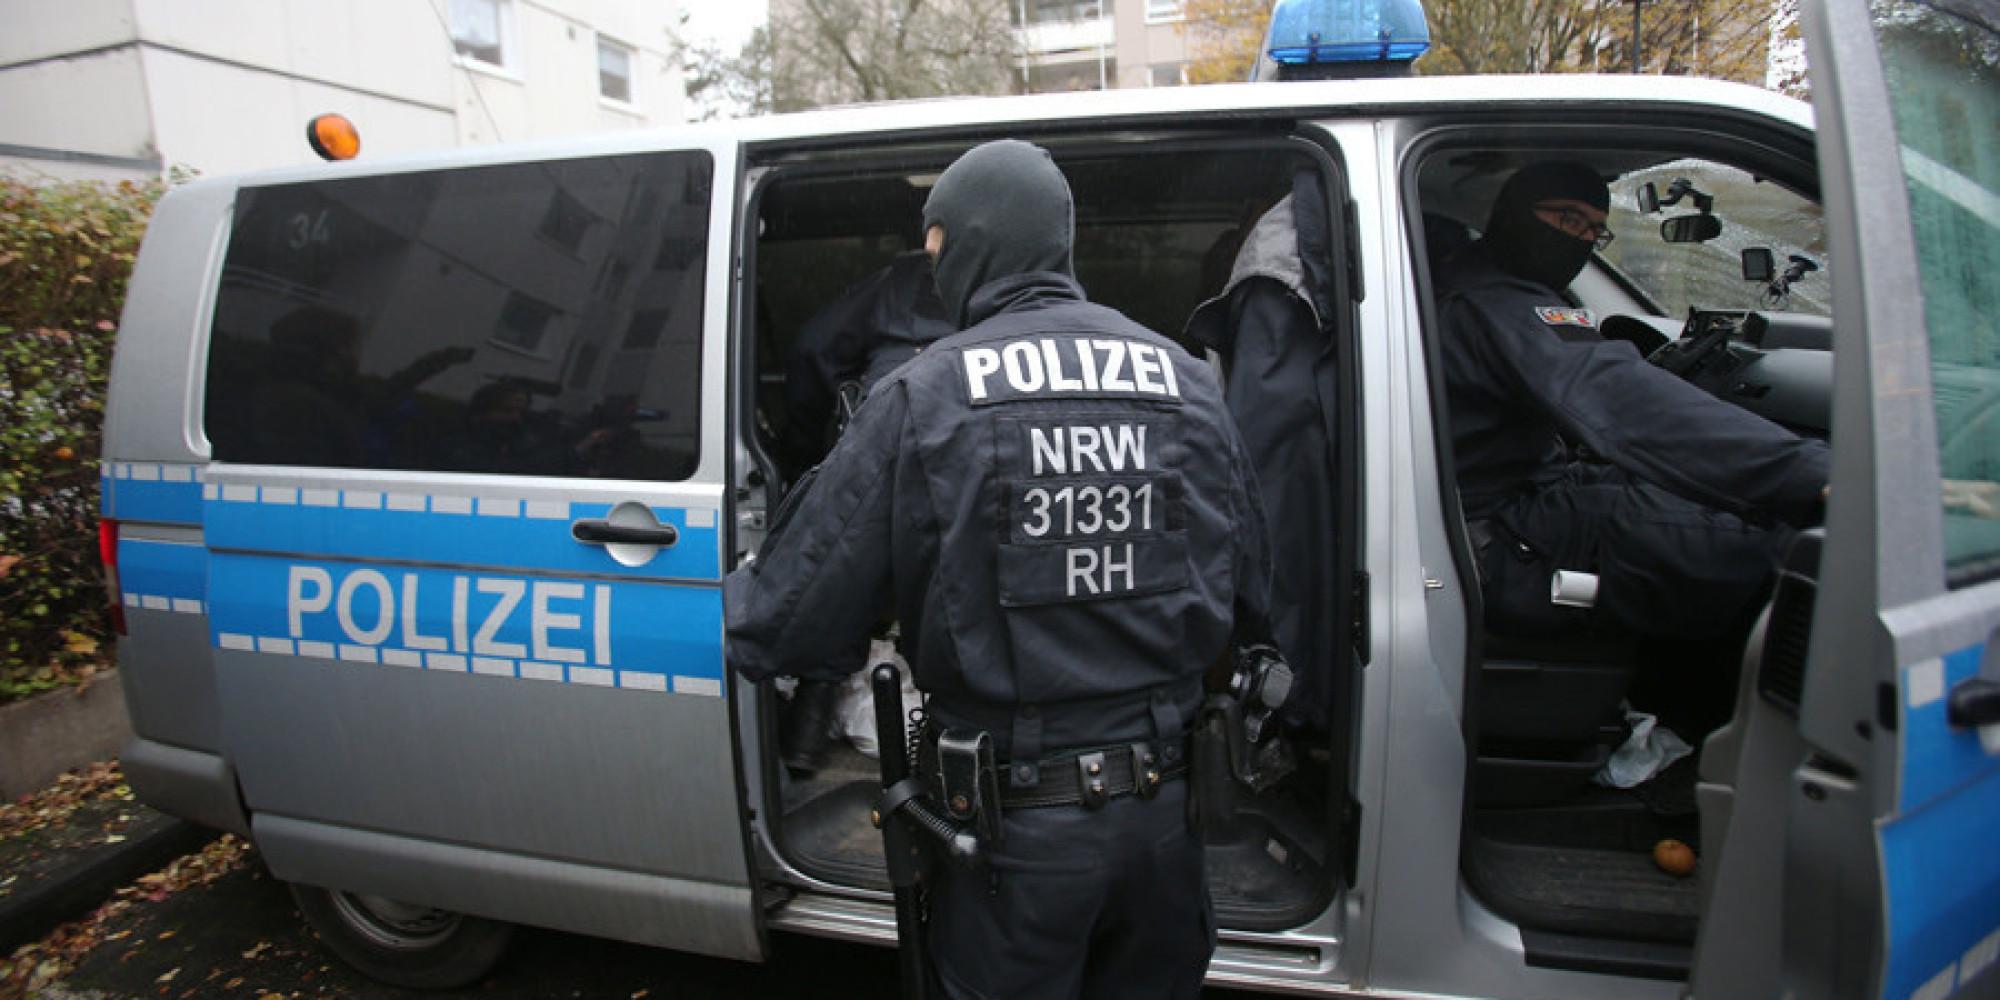 كيفية التعامل مع العائدين من اطفال أعضاء تنظيم داعش إلى ألمانيا ؟